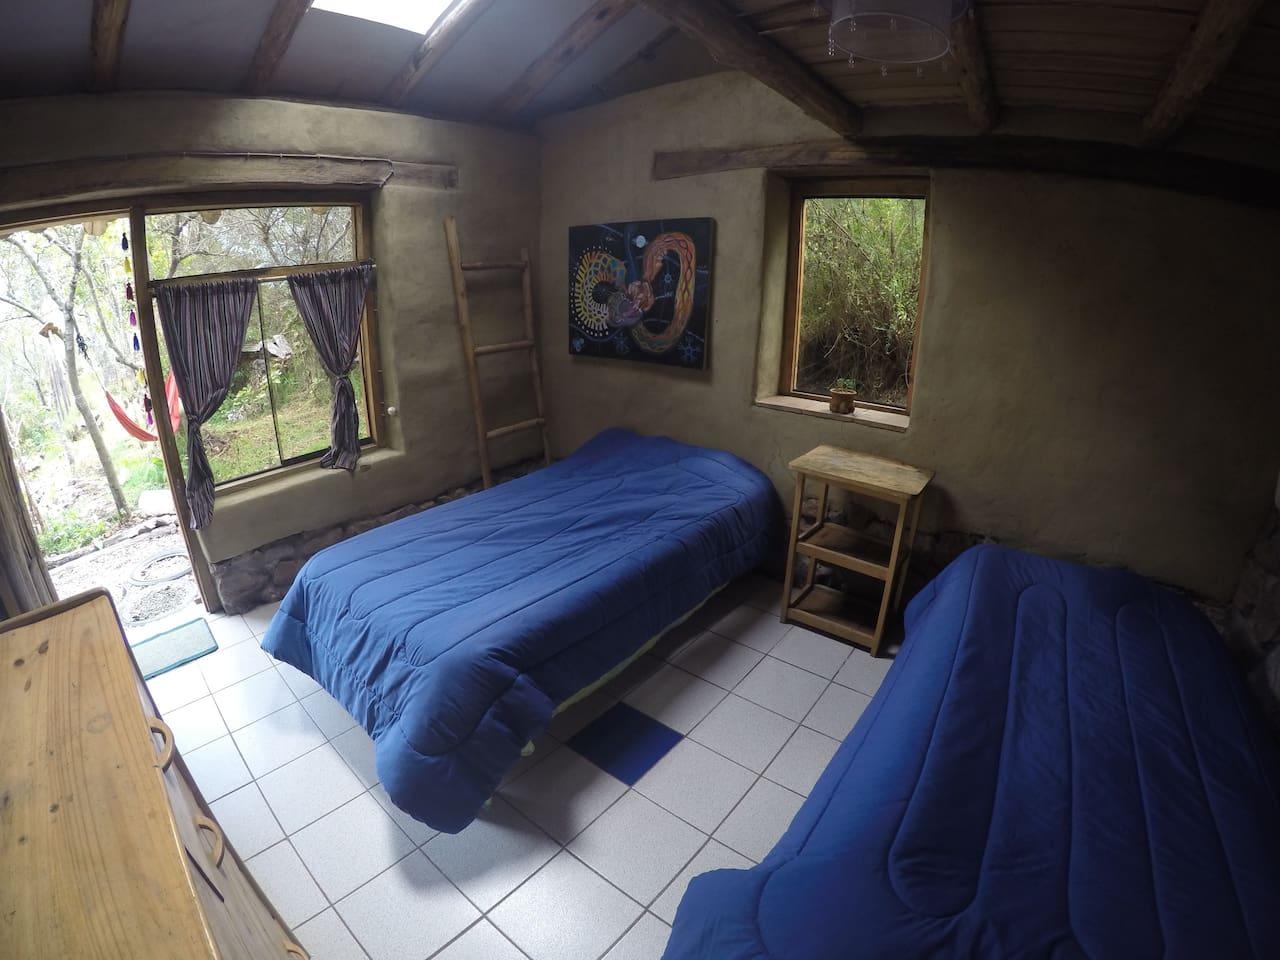 Habitacion con 3 camas, una de ellas en altilloy realizadas en bioconstruccion con materiales naturales de la zona.